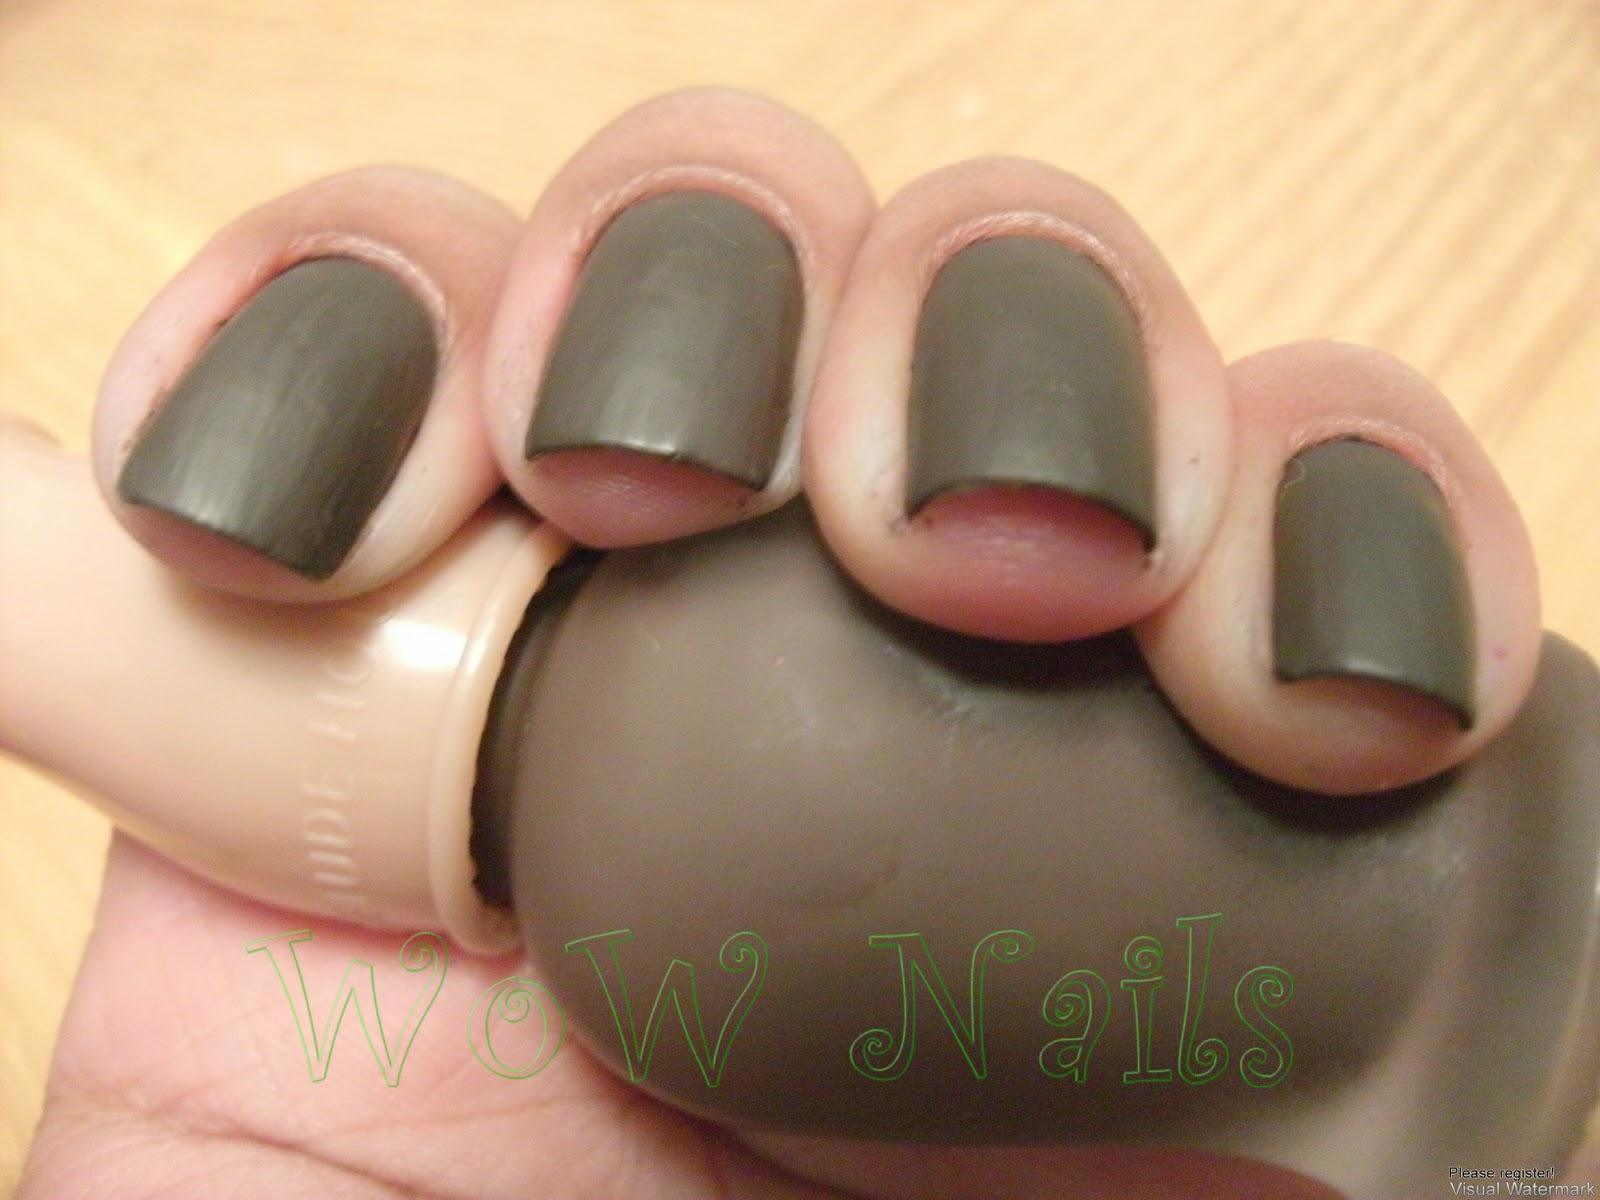 WoW Nails November 2011